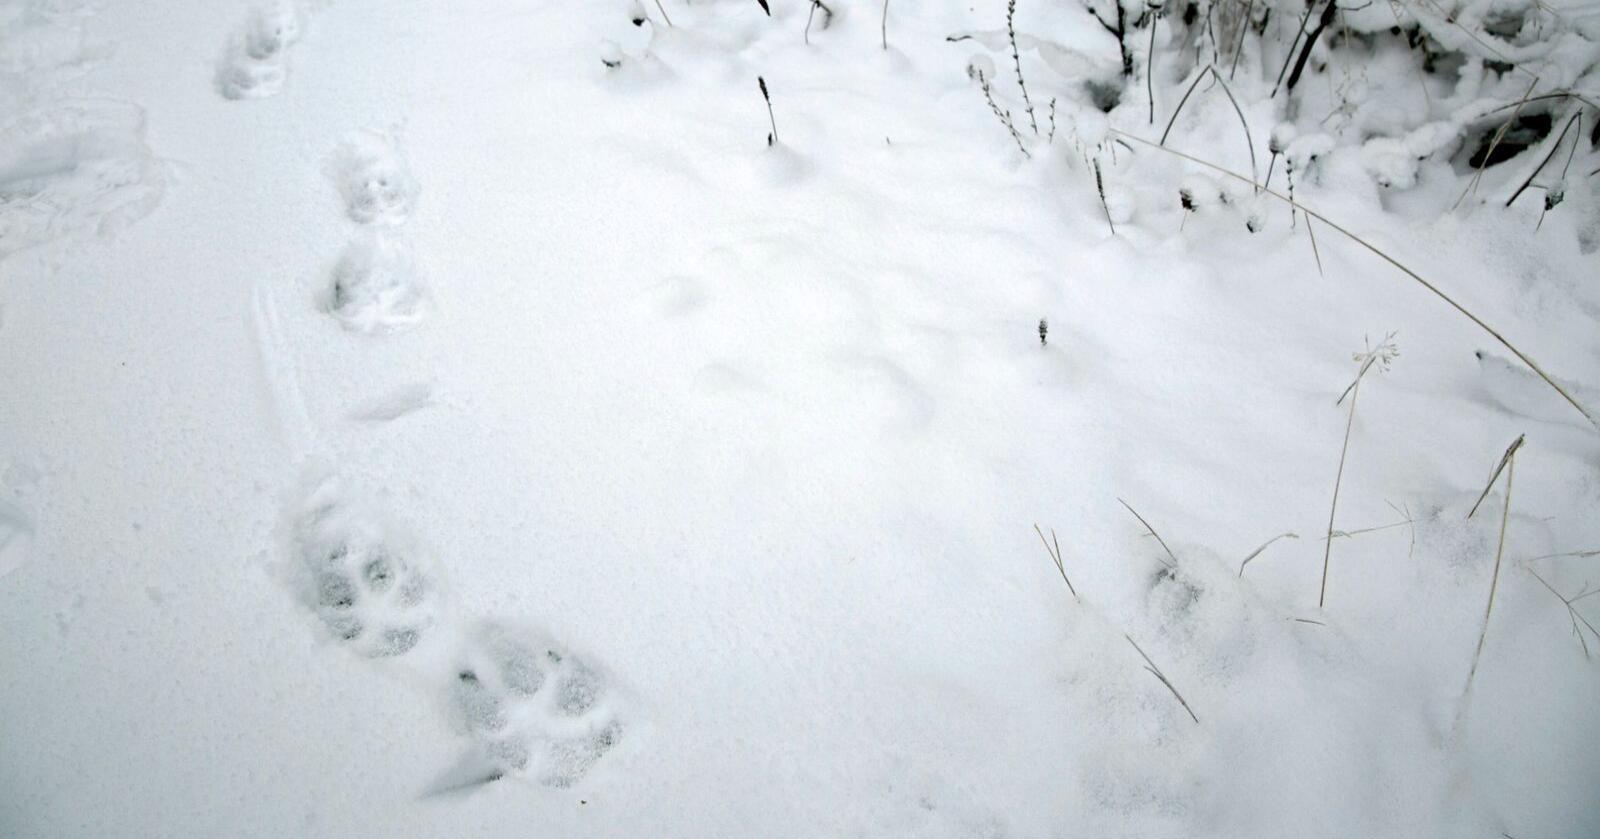 Bruk av hunder i jakt på ulv gjør jakta mer effektiv, mener Norges Bondelag. Foto: Henrik Skolt / NTB